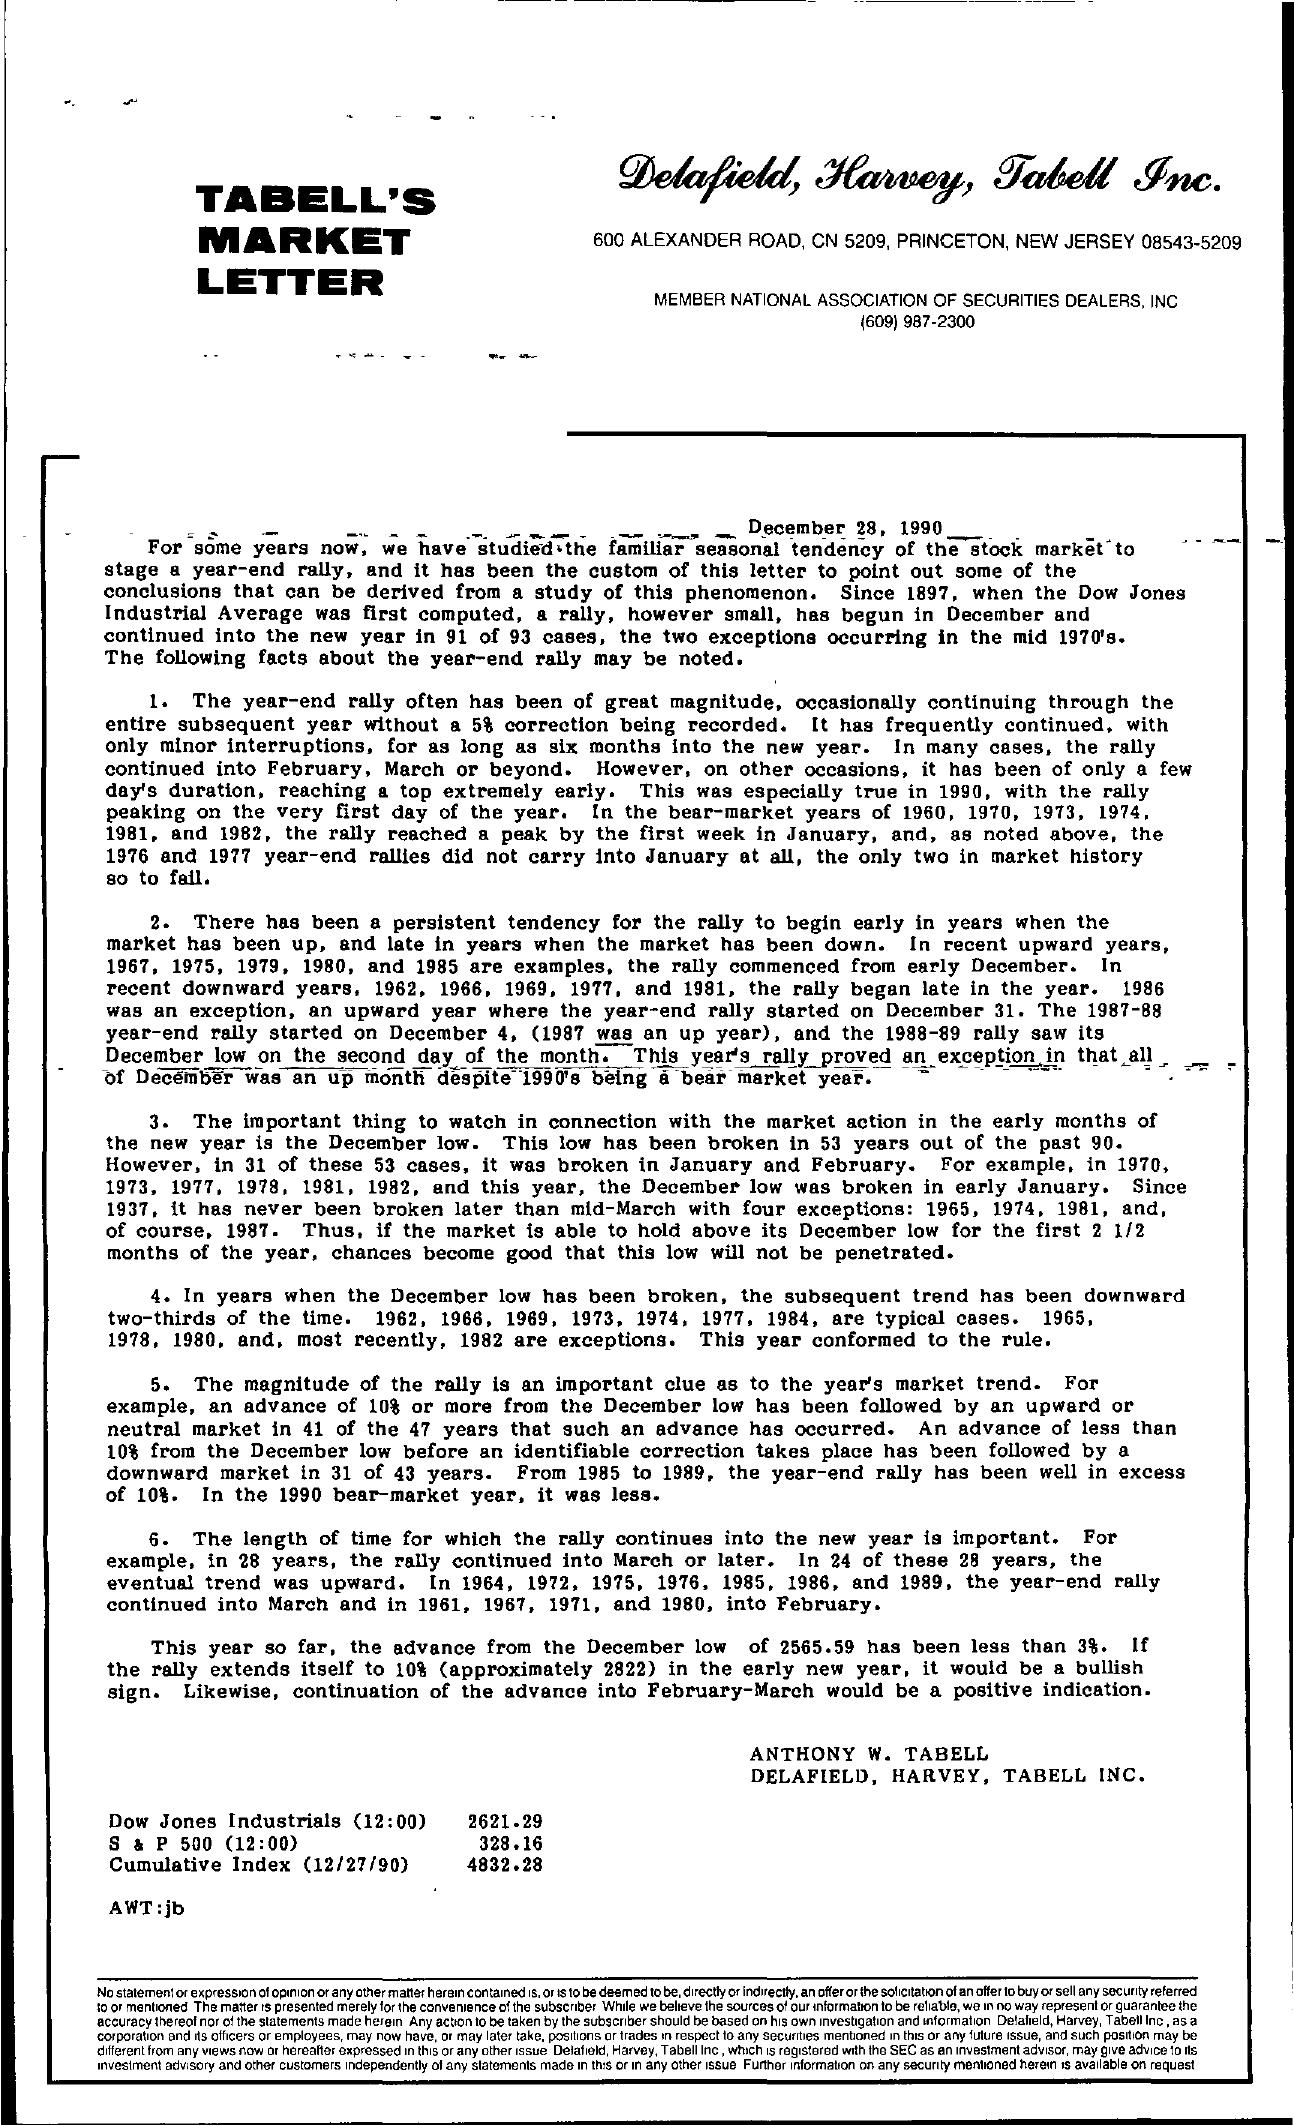 Tabell's Market Letter - December 28, 1990